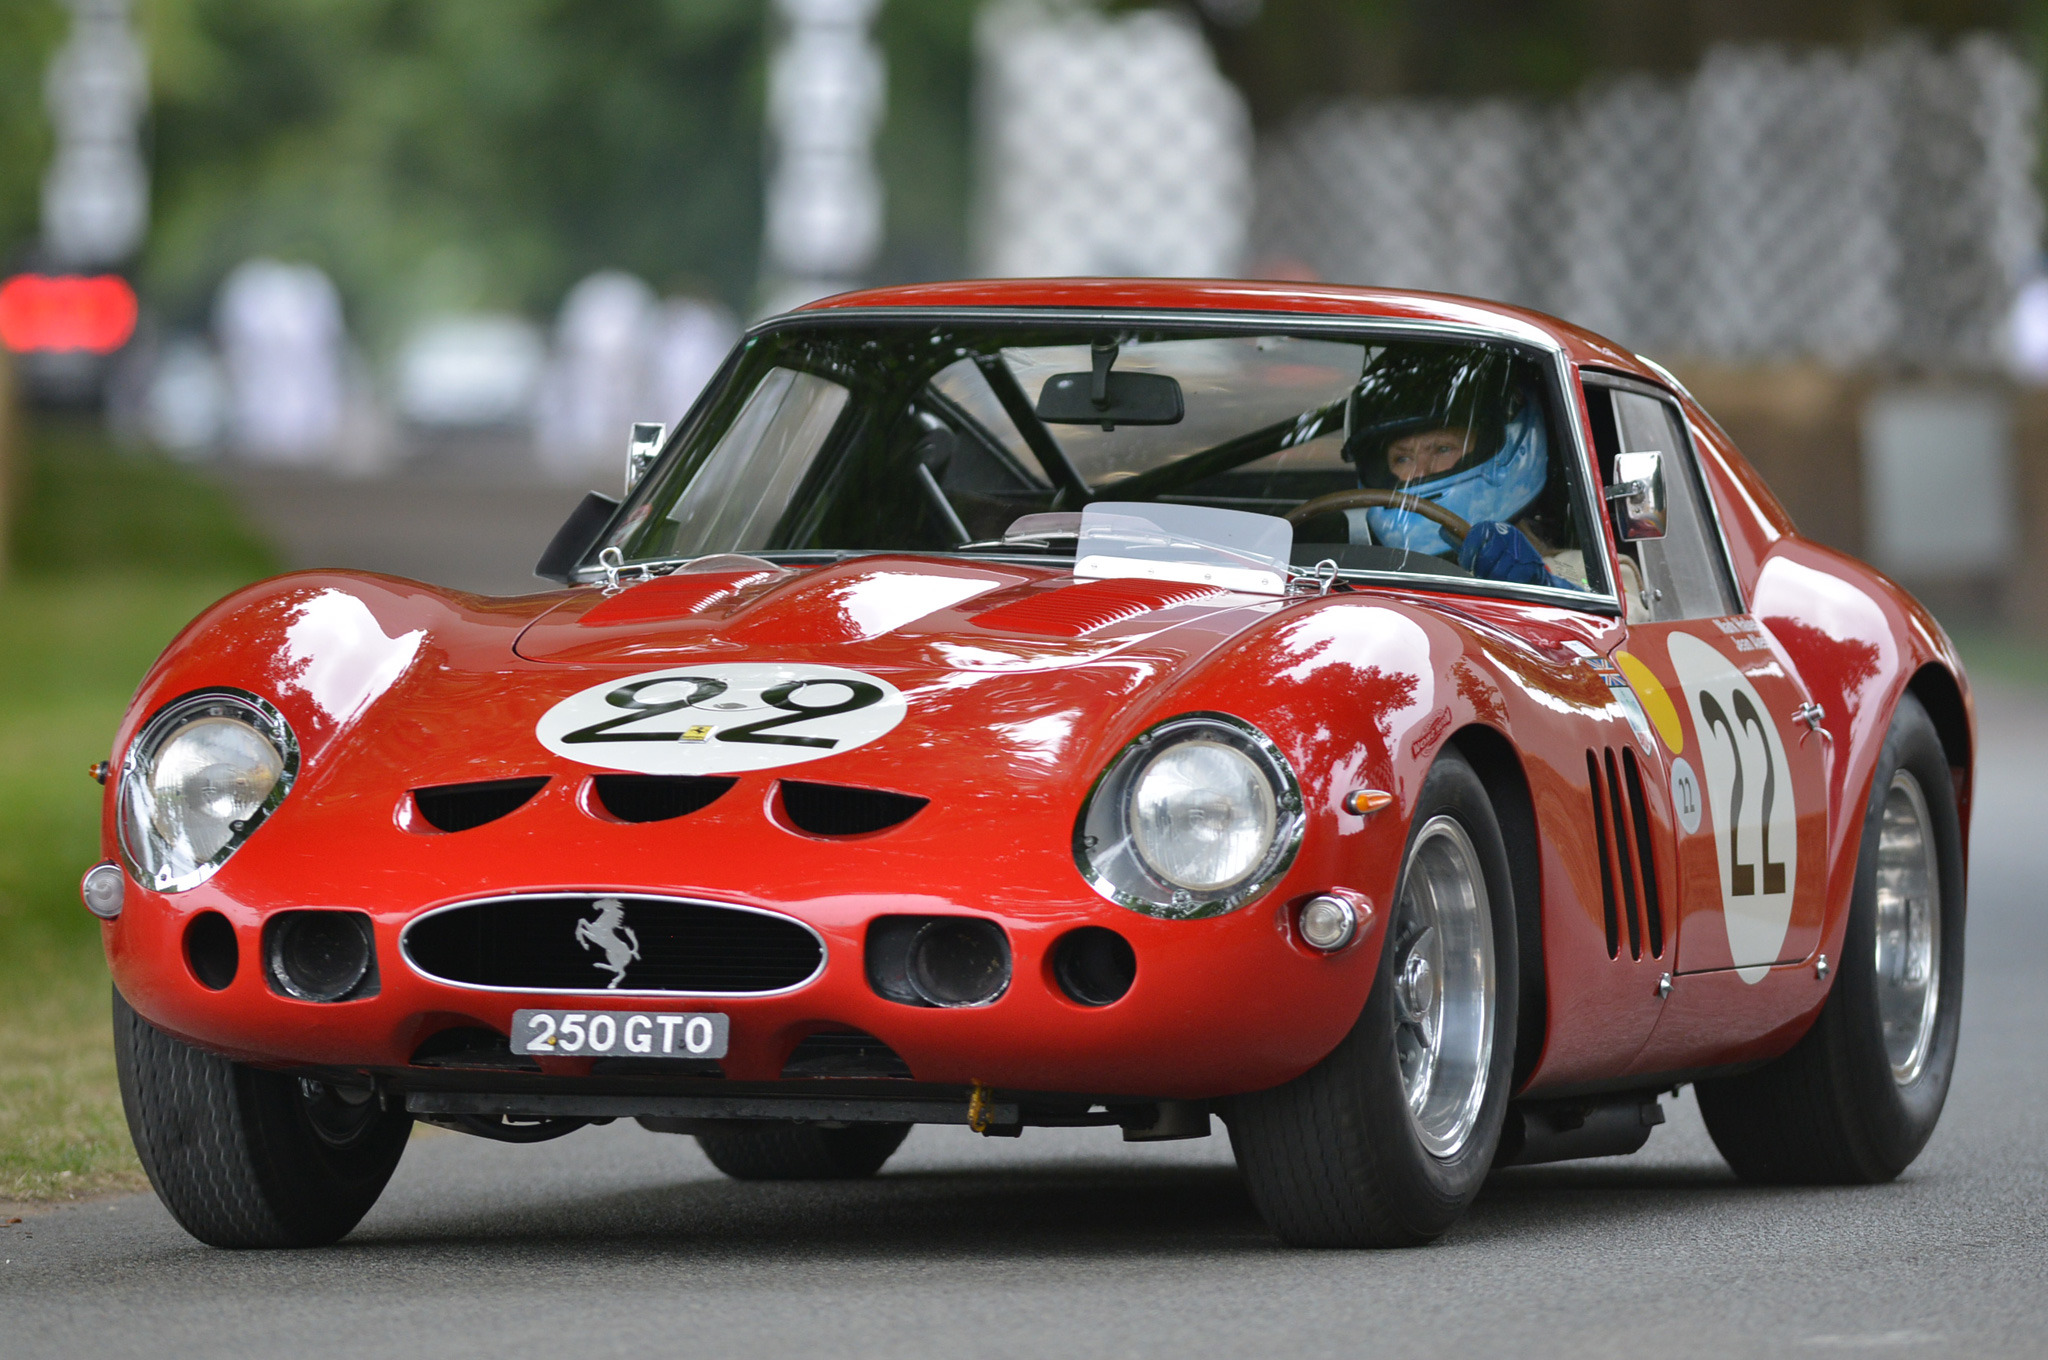 Ferrari 250 GTO Goodwood